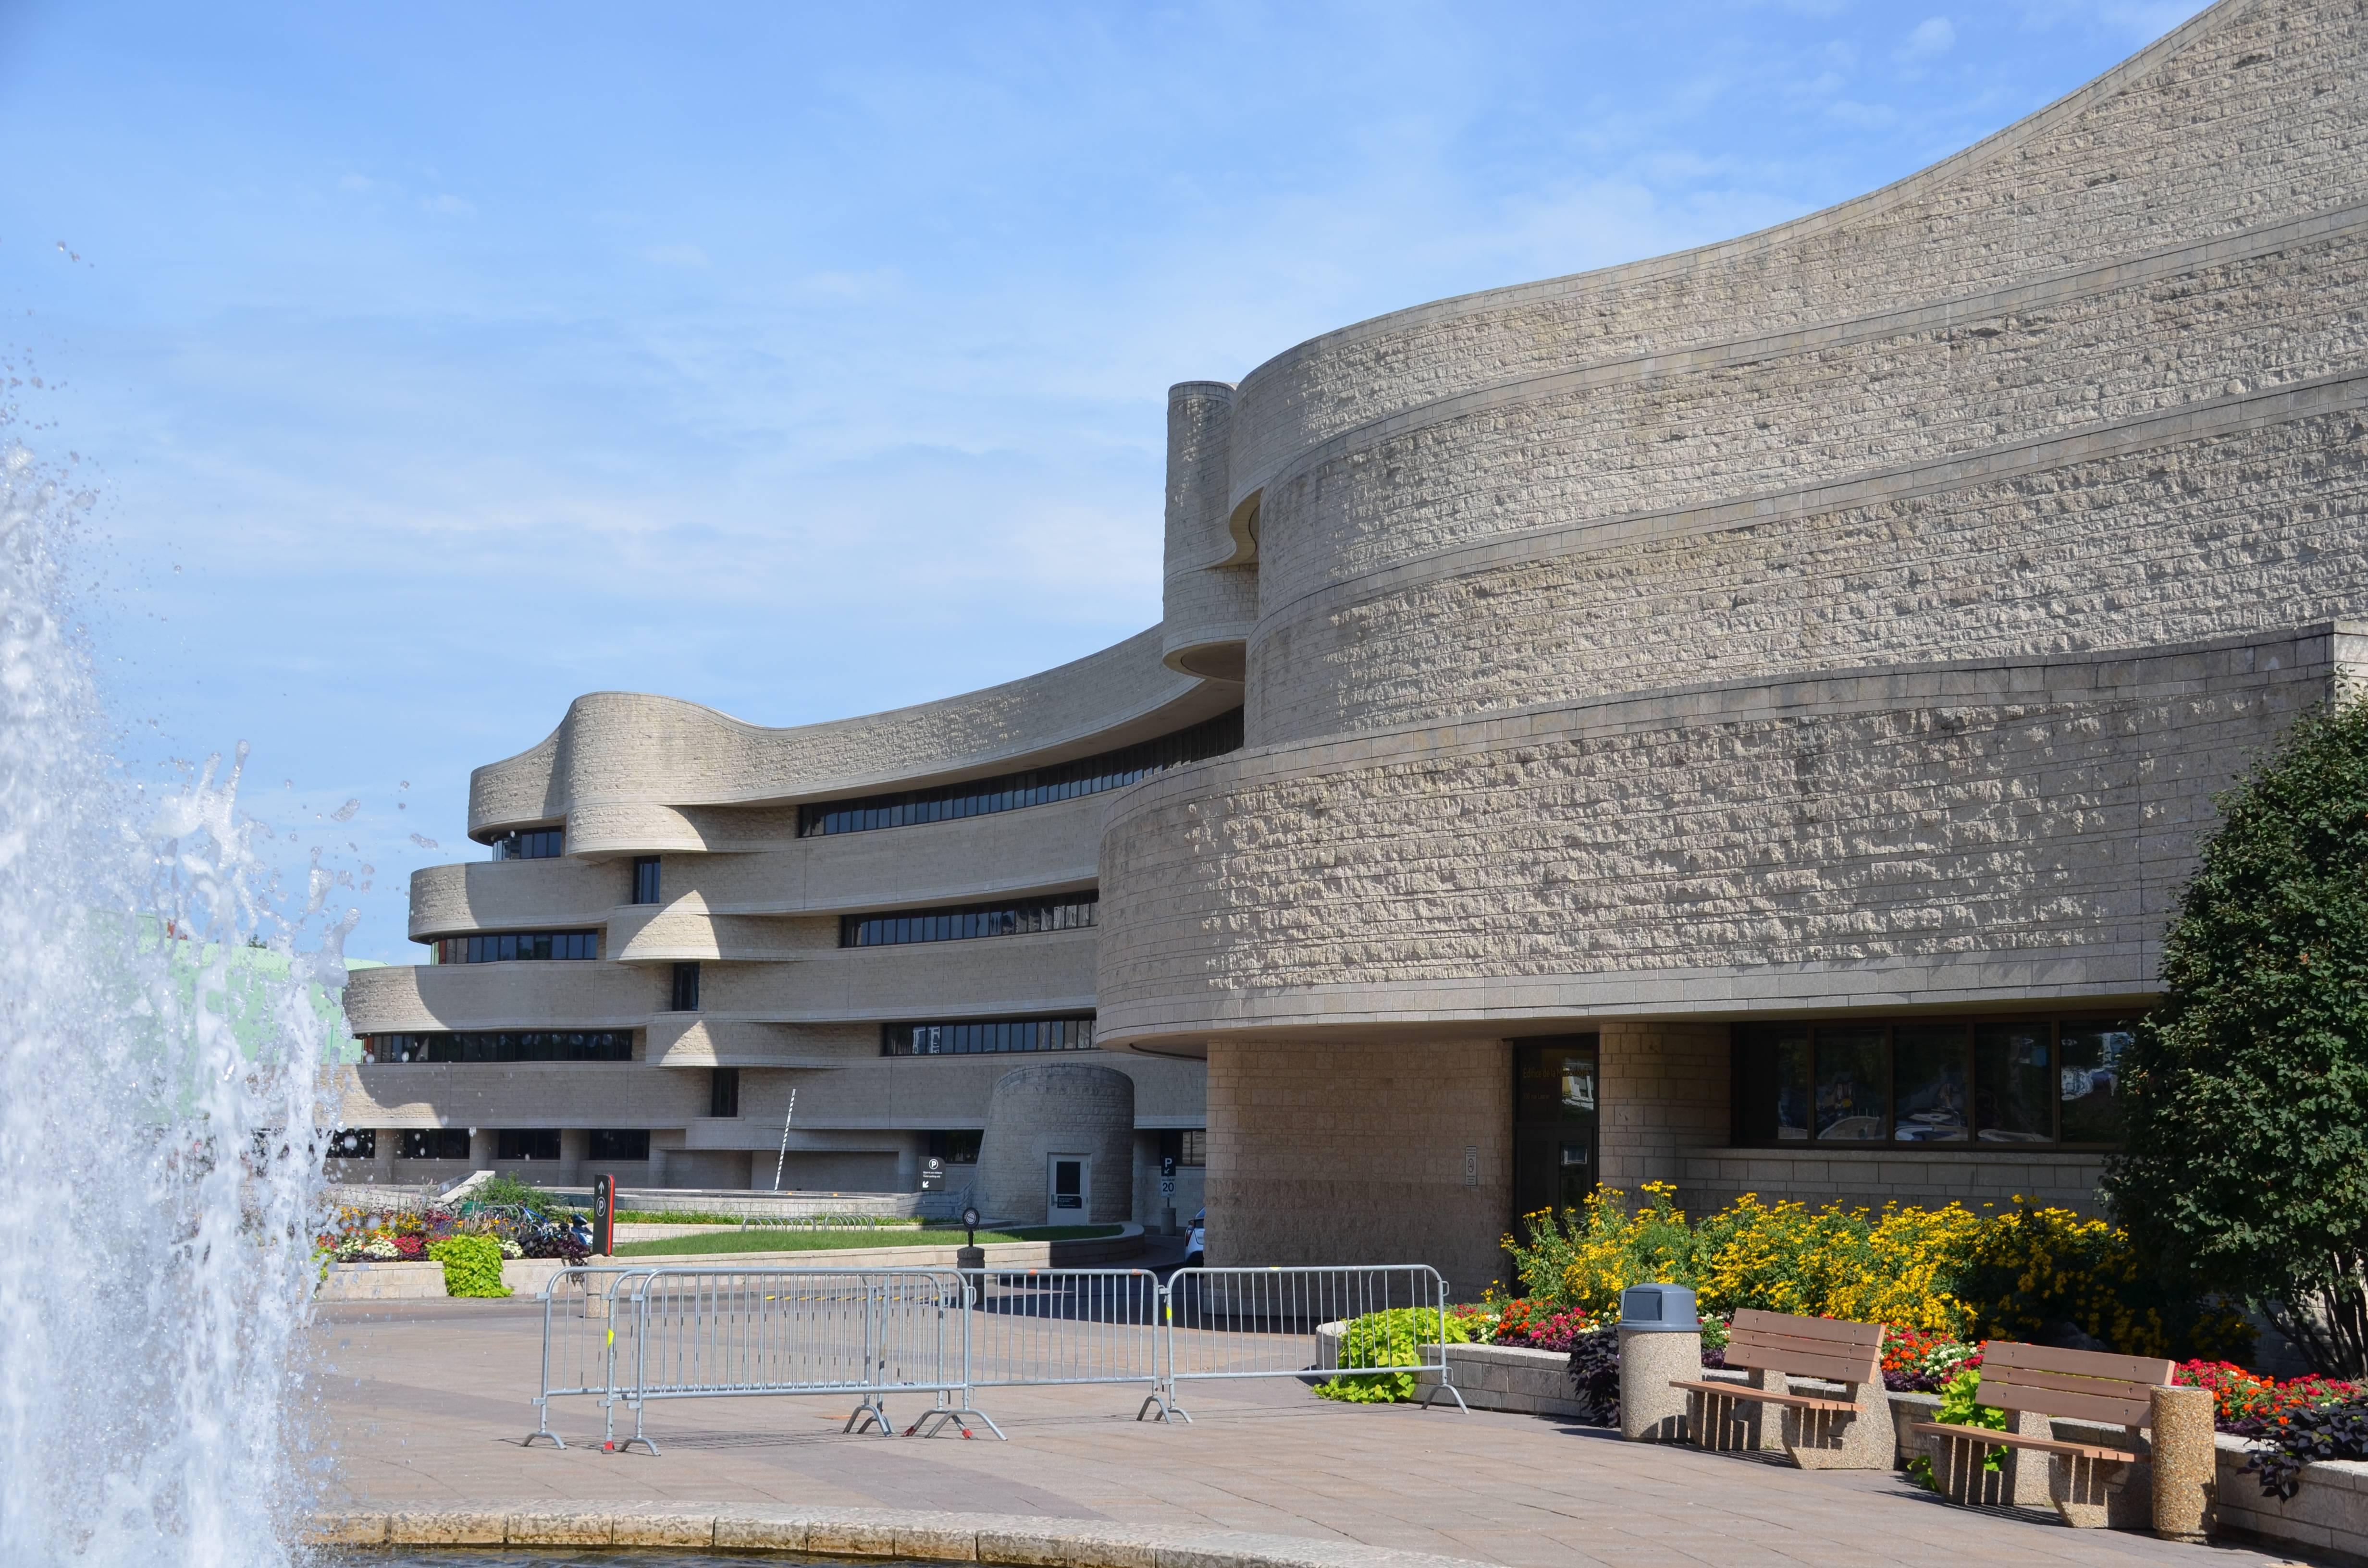 Photo 3: Ottawa, la belle capitale canadienne qui nous charmé